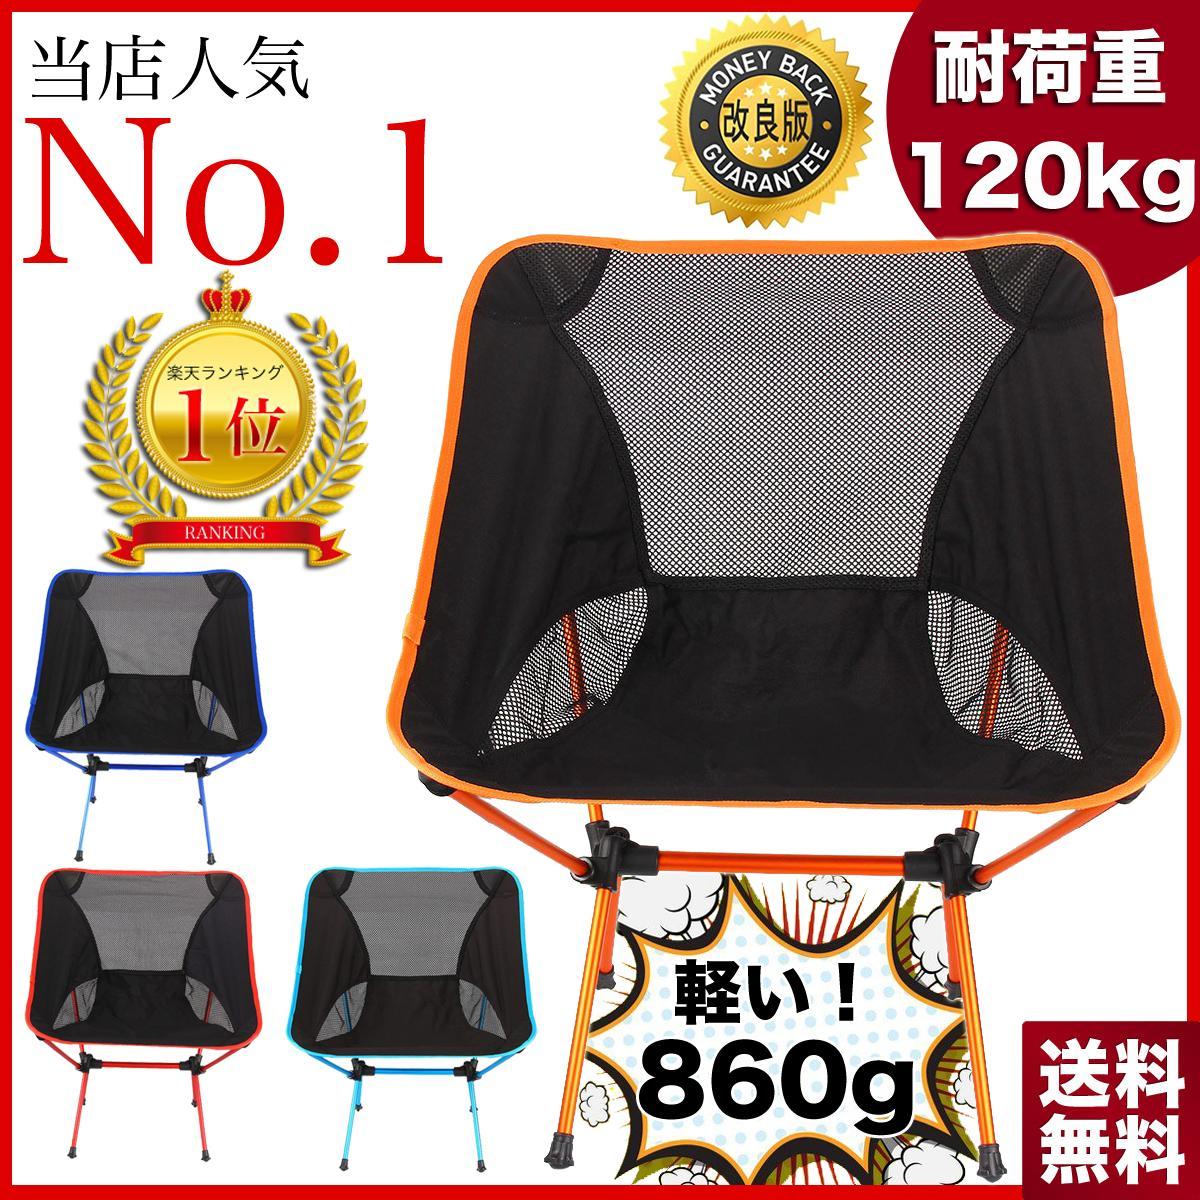 超軽量 フィットチェアー 折りたたみ椅子 アルミチェア / ツーリング アウトドアチェア …...:poncotan:10000531